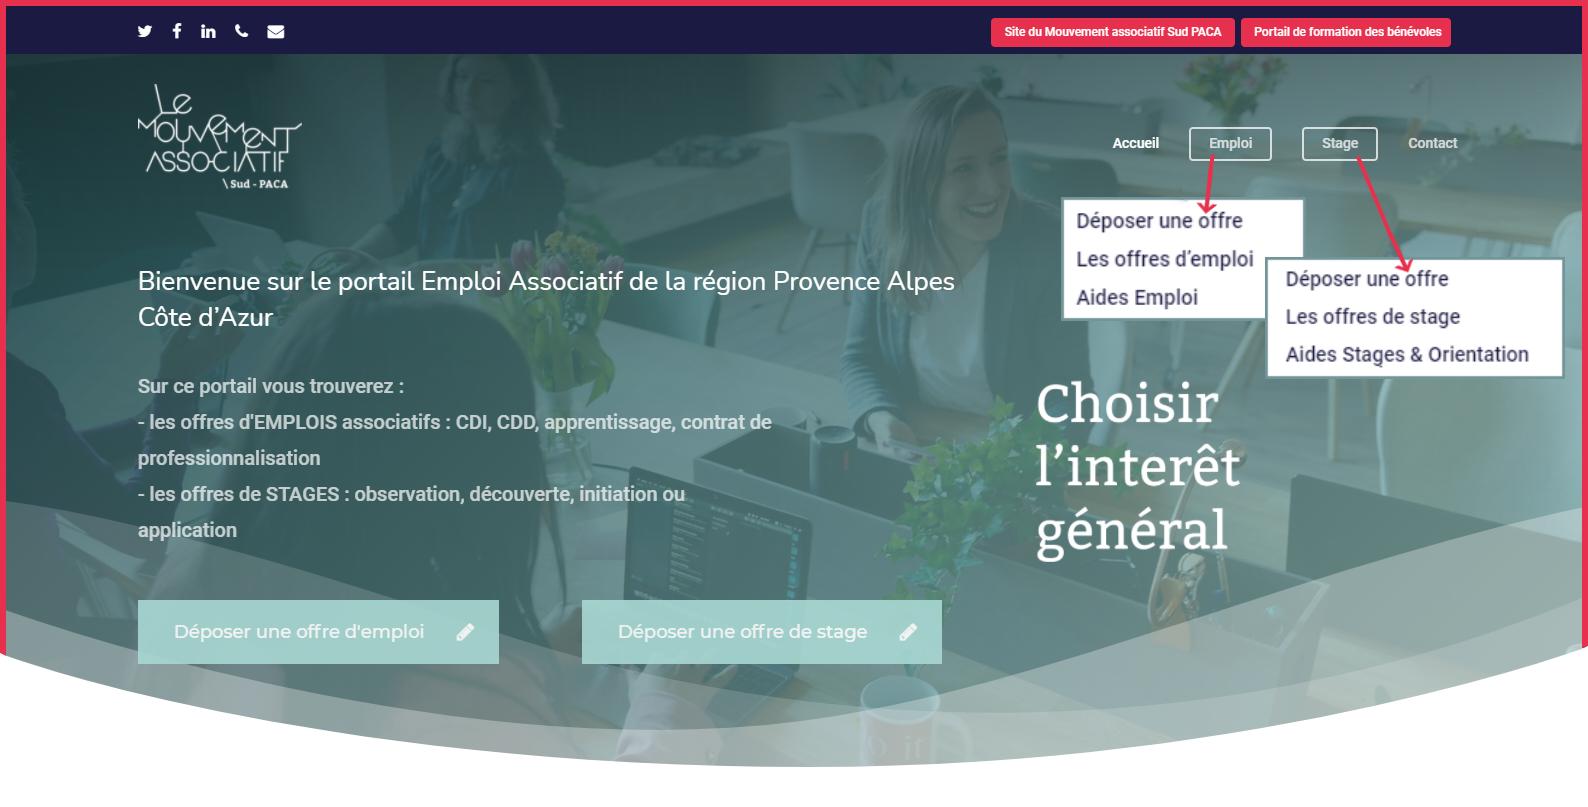 page d'accueil du Portail de l'Emploi associatif